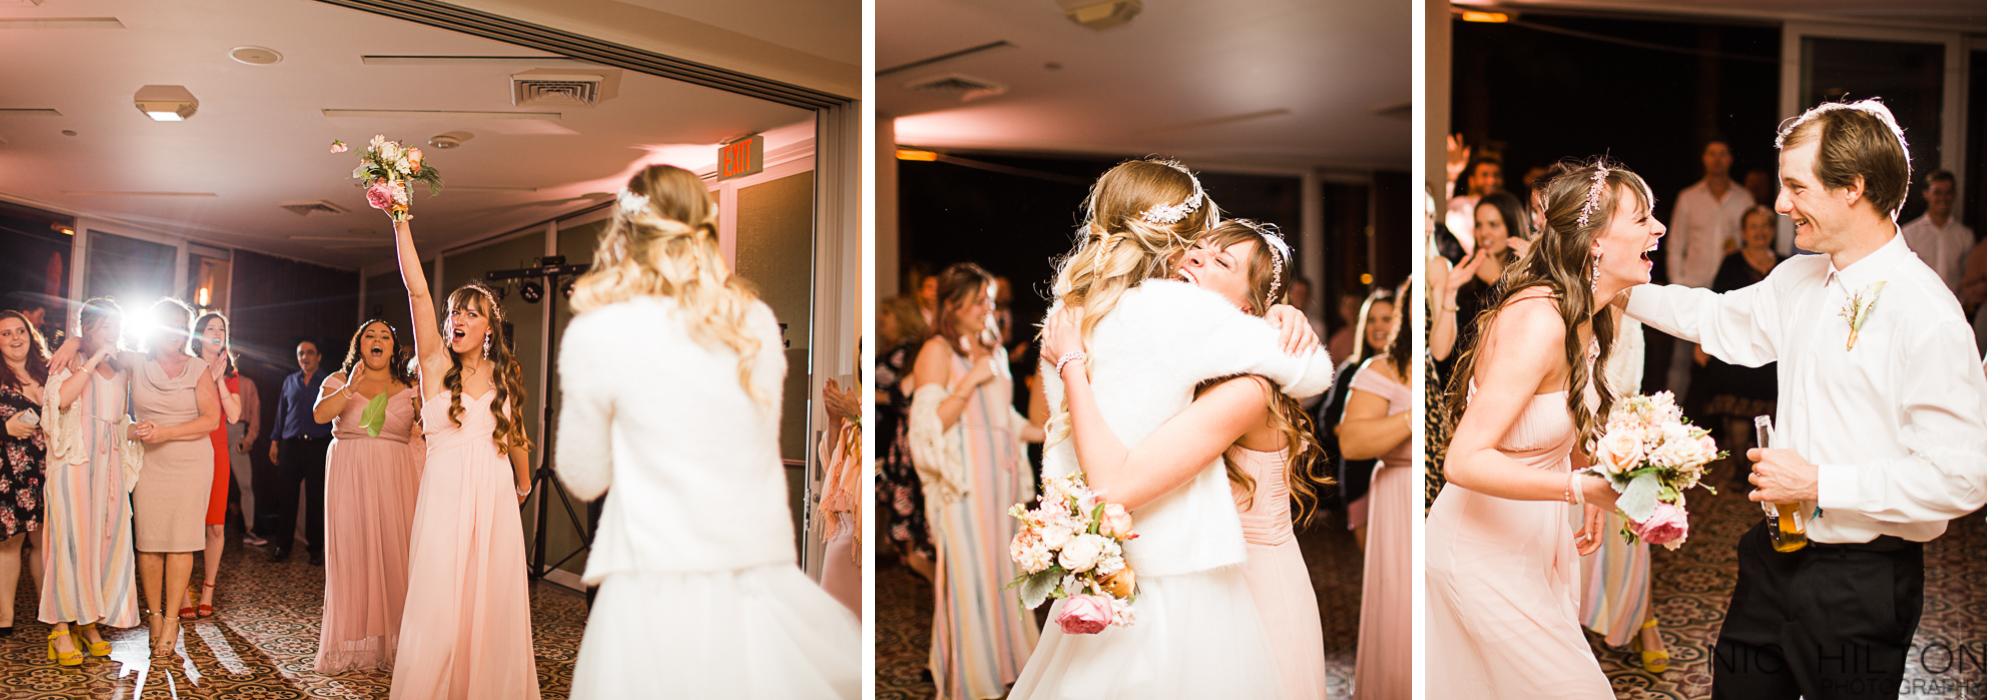 Bouquet-Toss-Wedding-Long-Beach.jpg